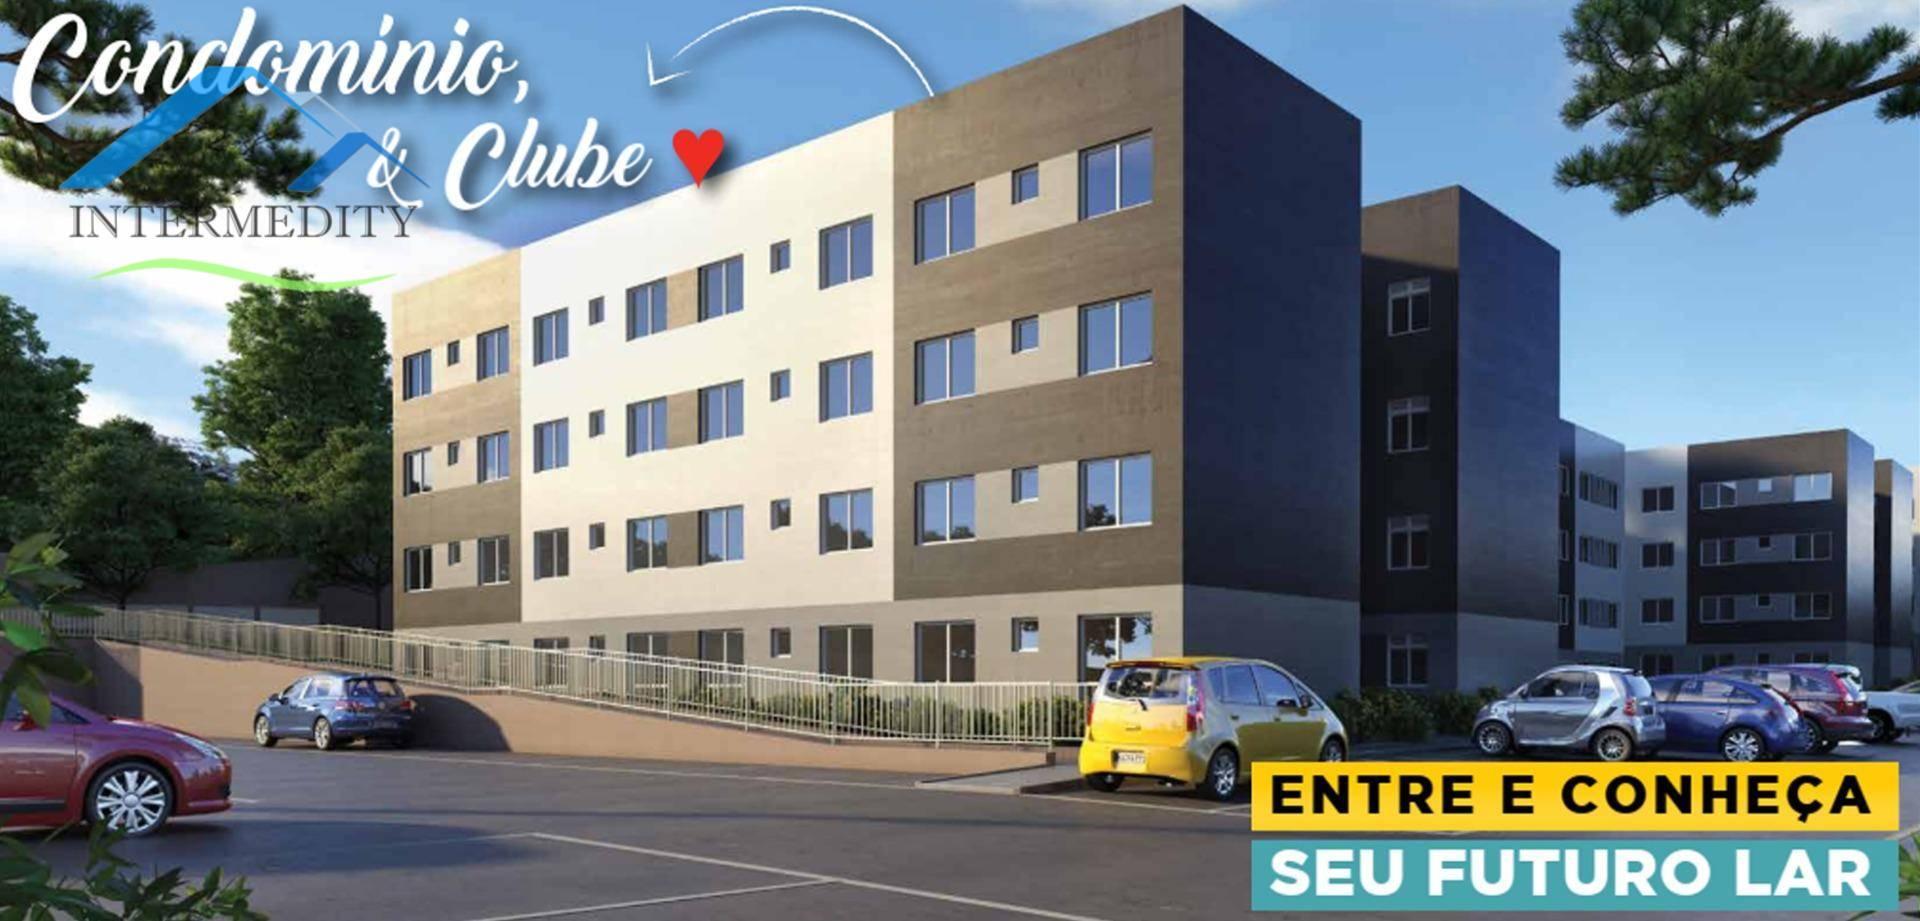 Apartamento com 2 dormitórios à venda, 40 m² por R$ 128.500,00 - Jardim Santo Antônio - Almirante Tamandaré/PR